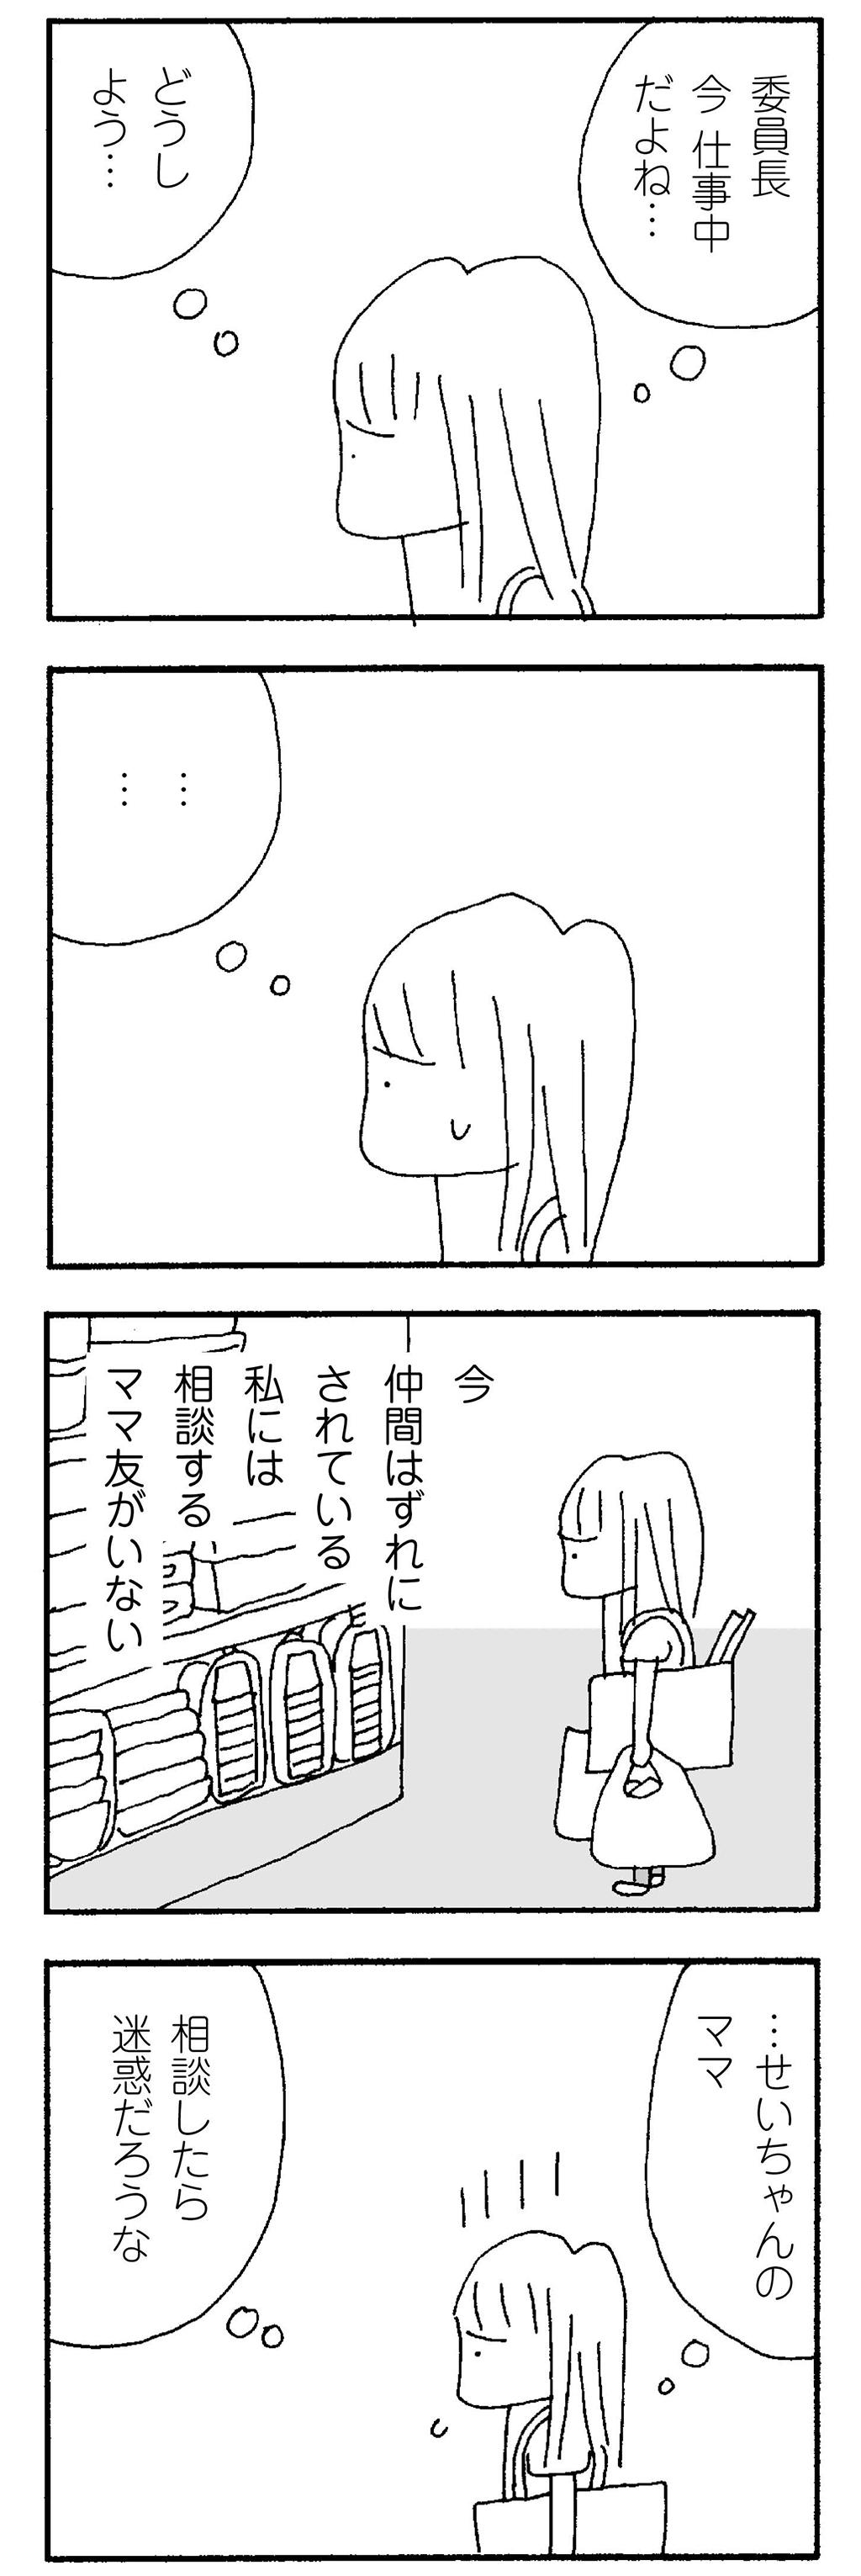 が こわい 5 ママ 友